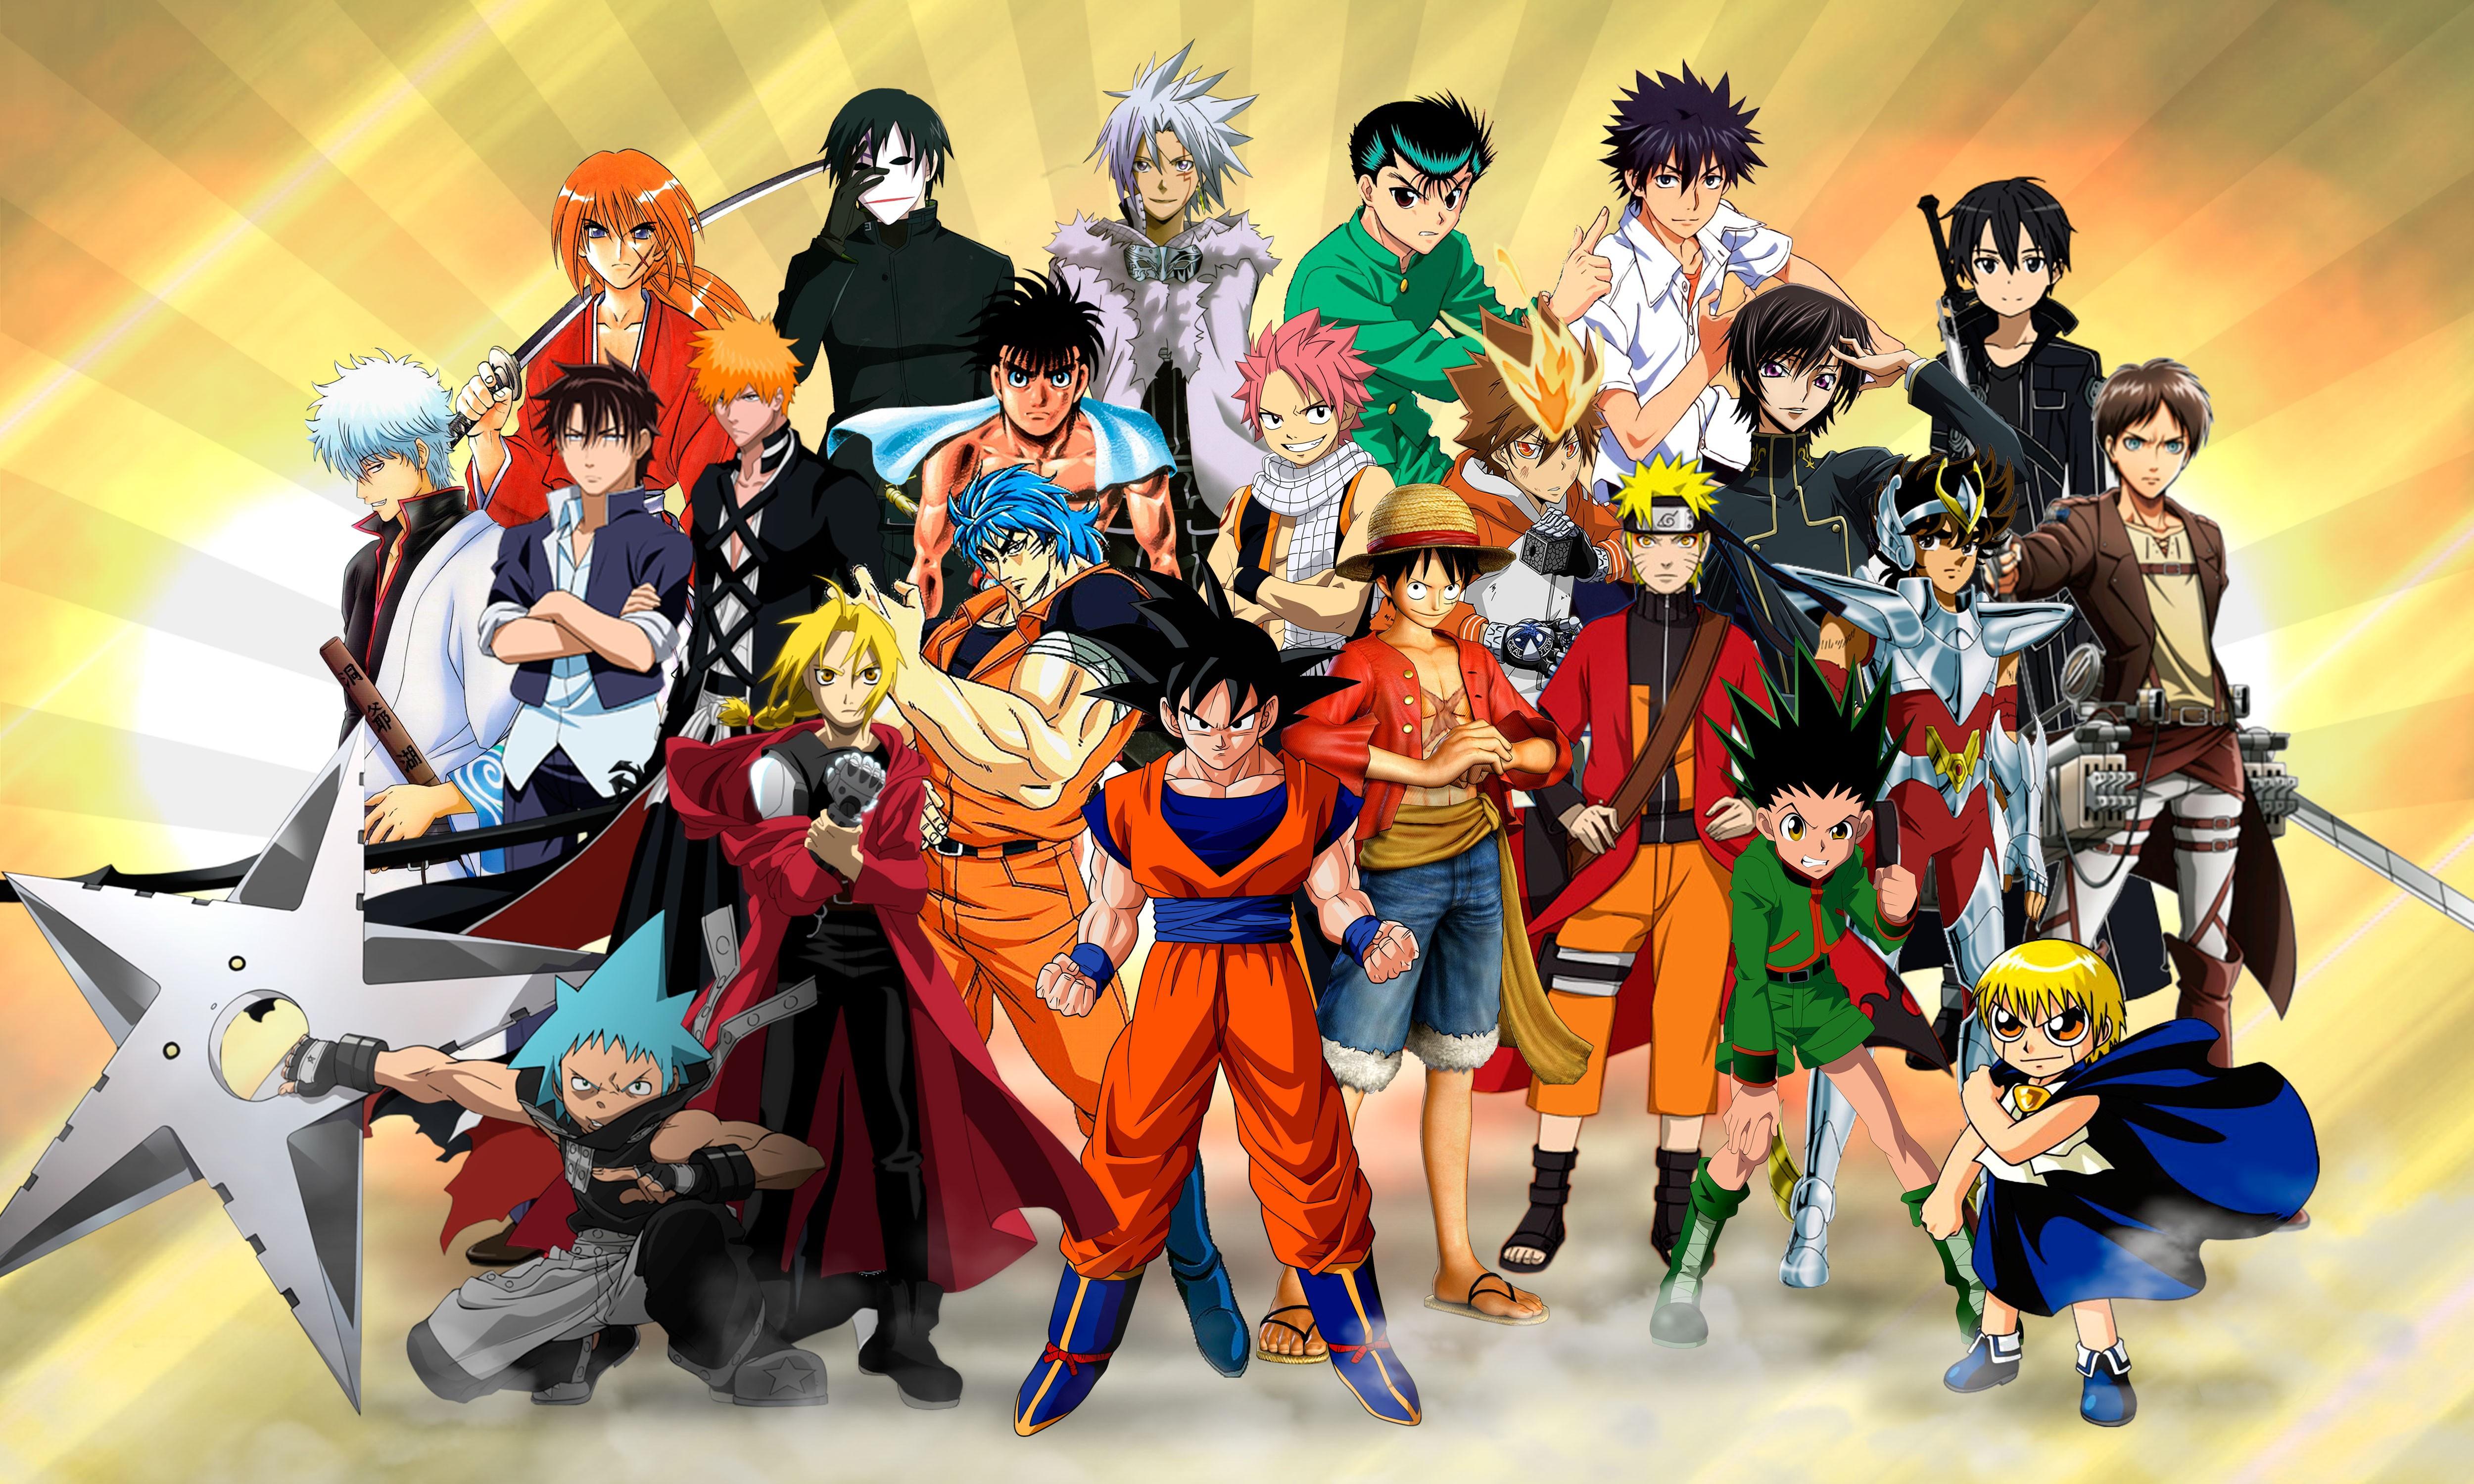 Надписью пожеланий, картинки с персонажами аниме